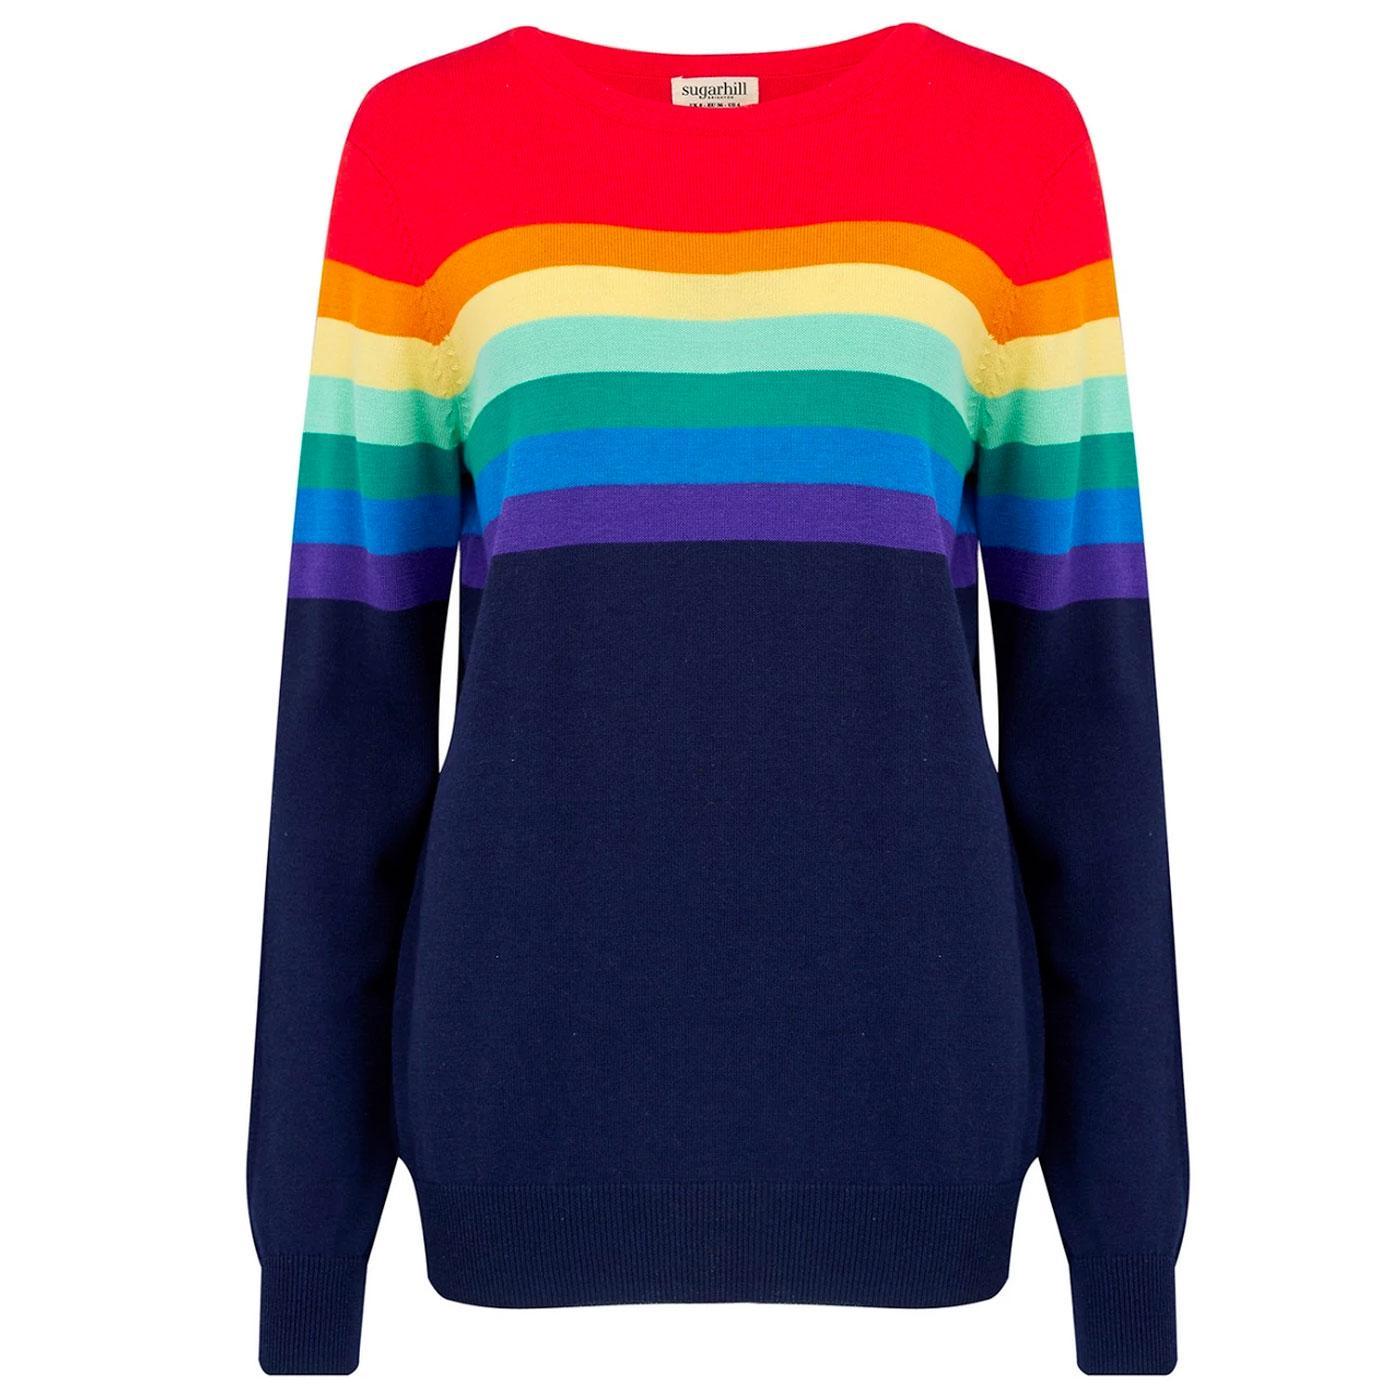 Rita SUGARHILL BRIGHTON Gradient Stripe Sweater